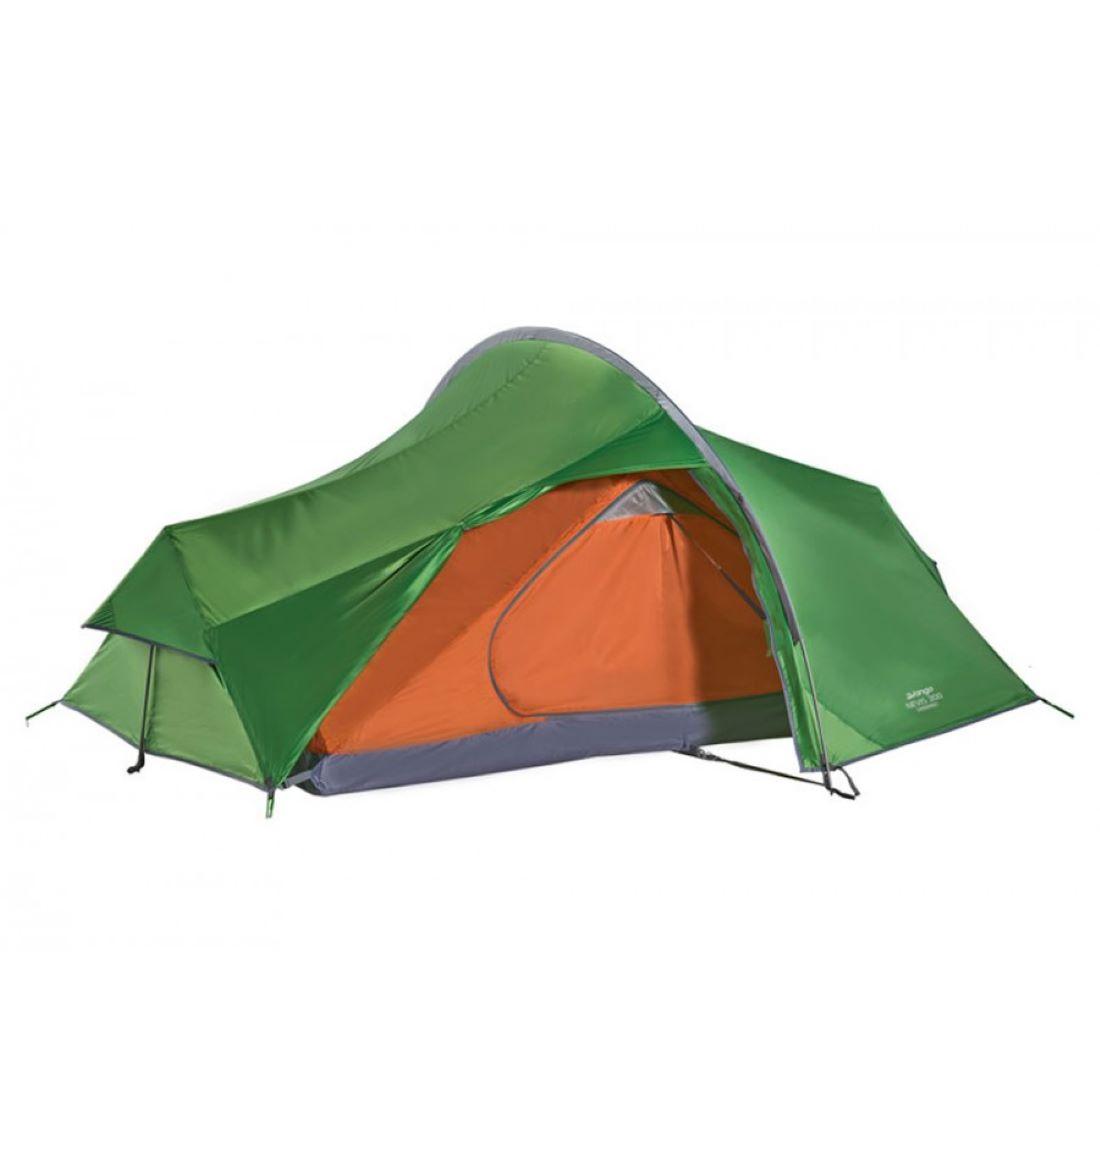 Vango Nevis 300 Tent 3 Person Tent (Pamir Green)